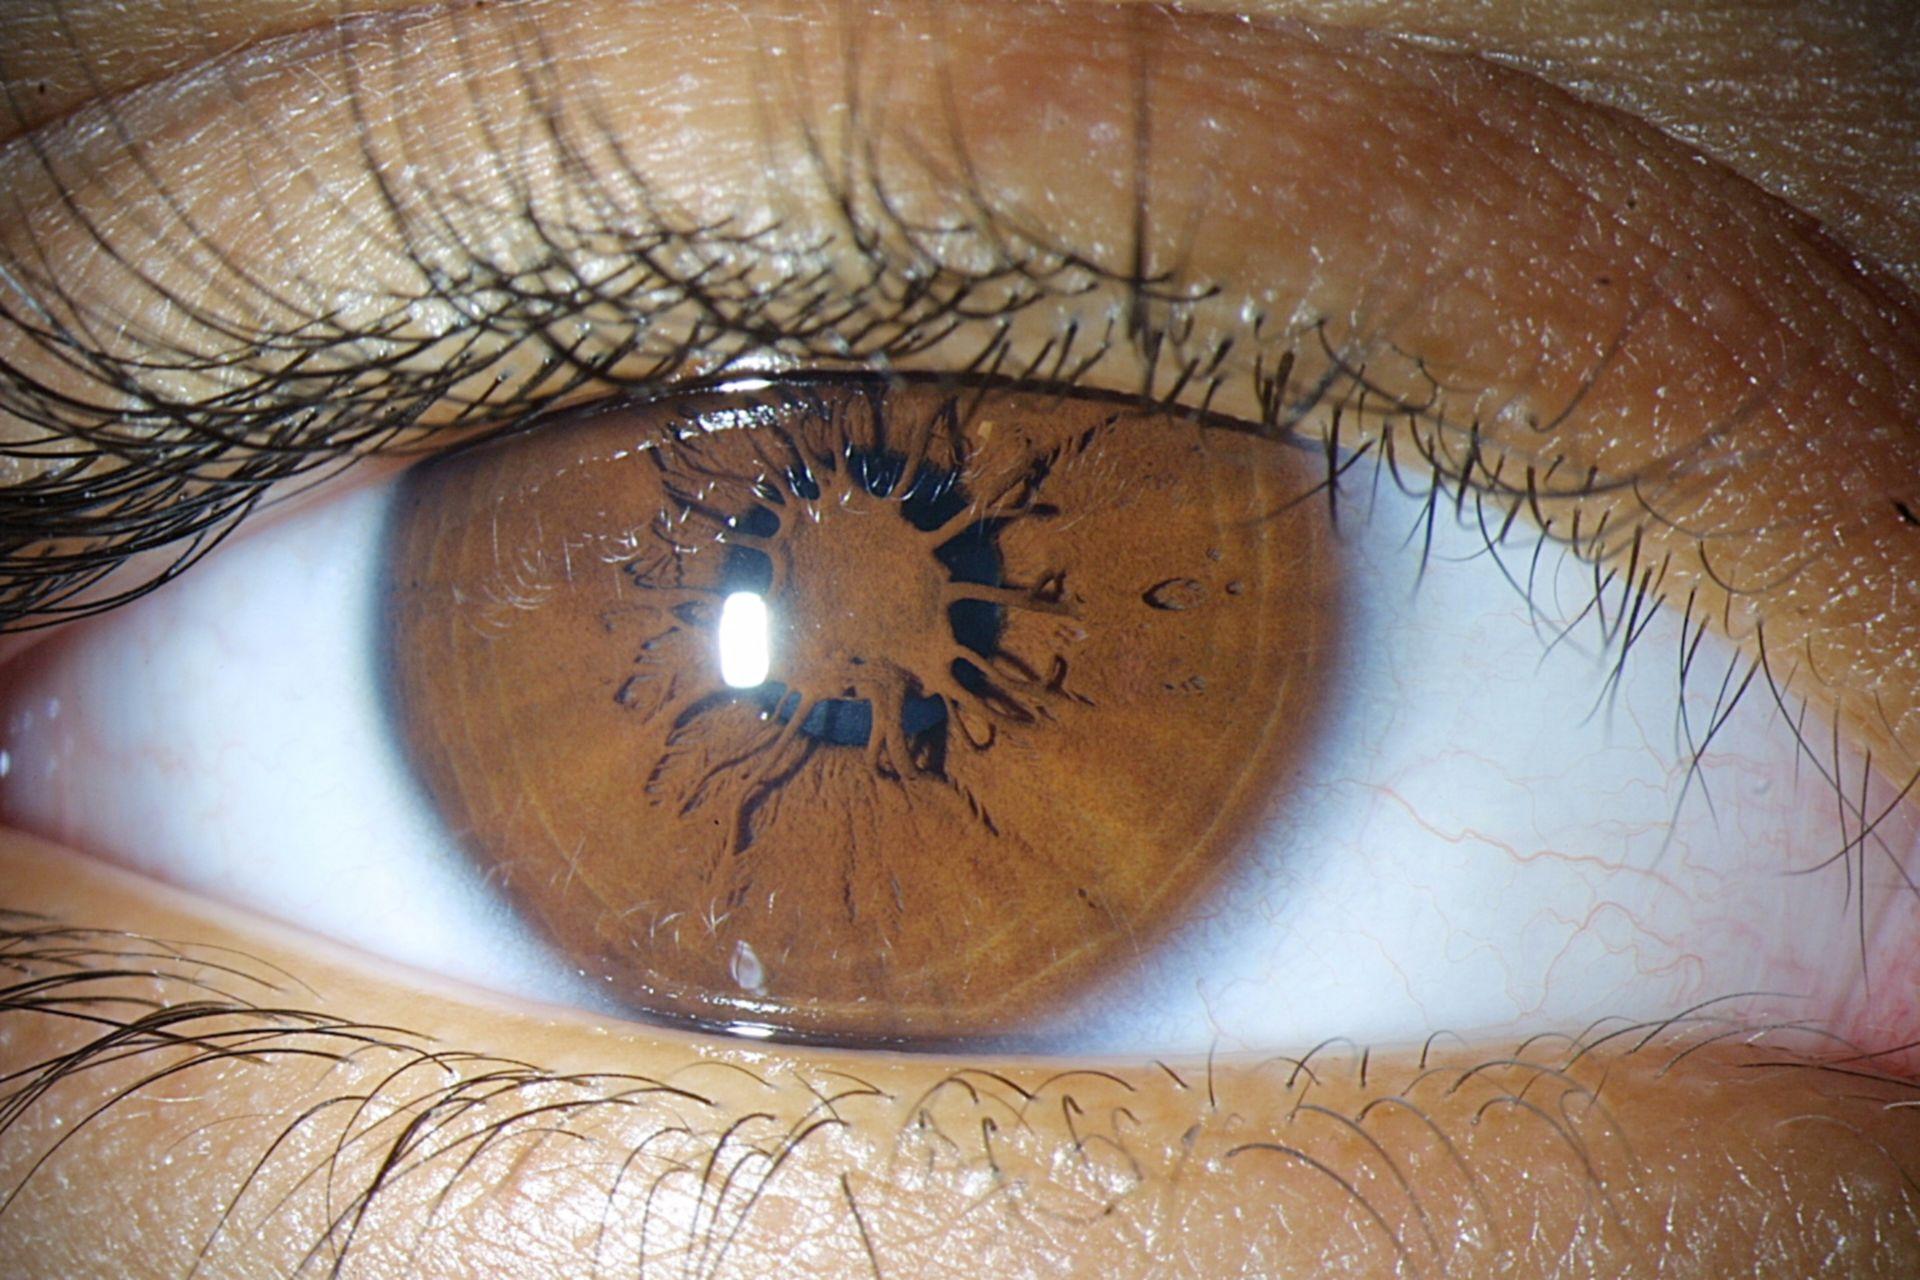 Membrana persistente pupillare